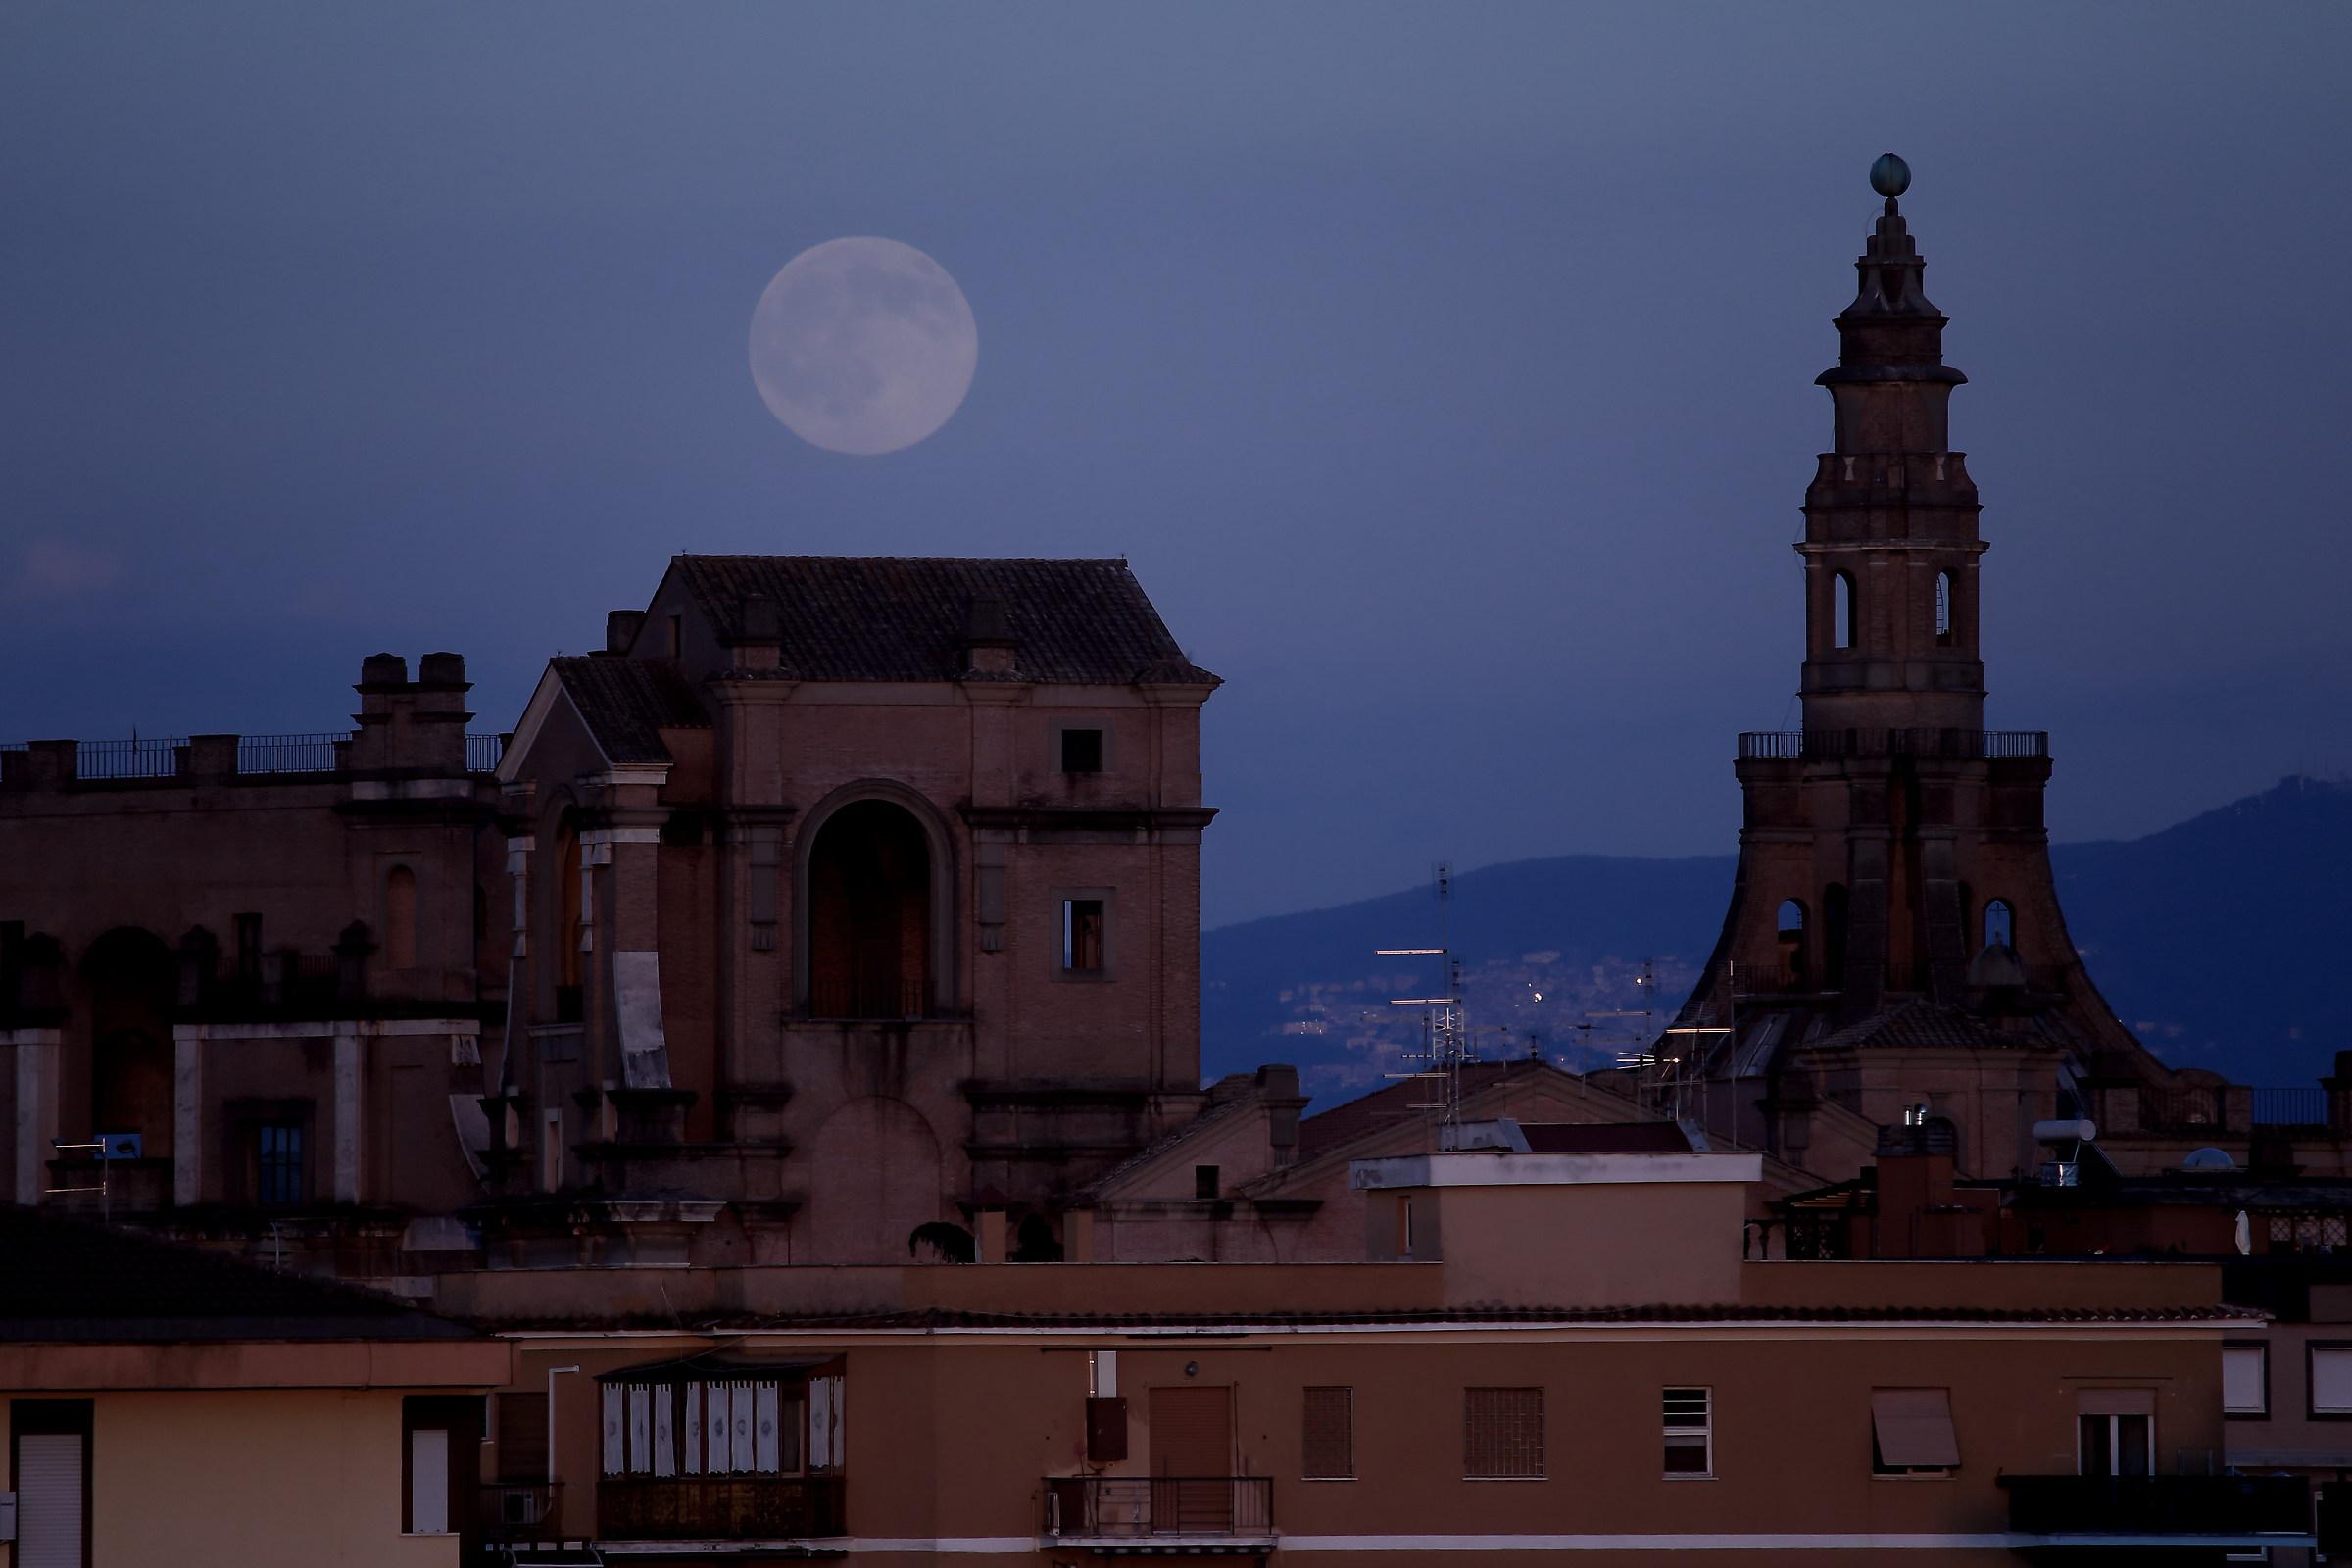 Moon on my night school...